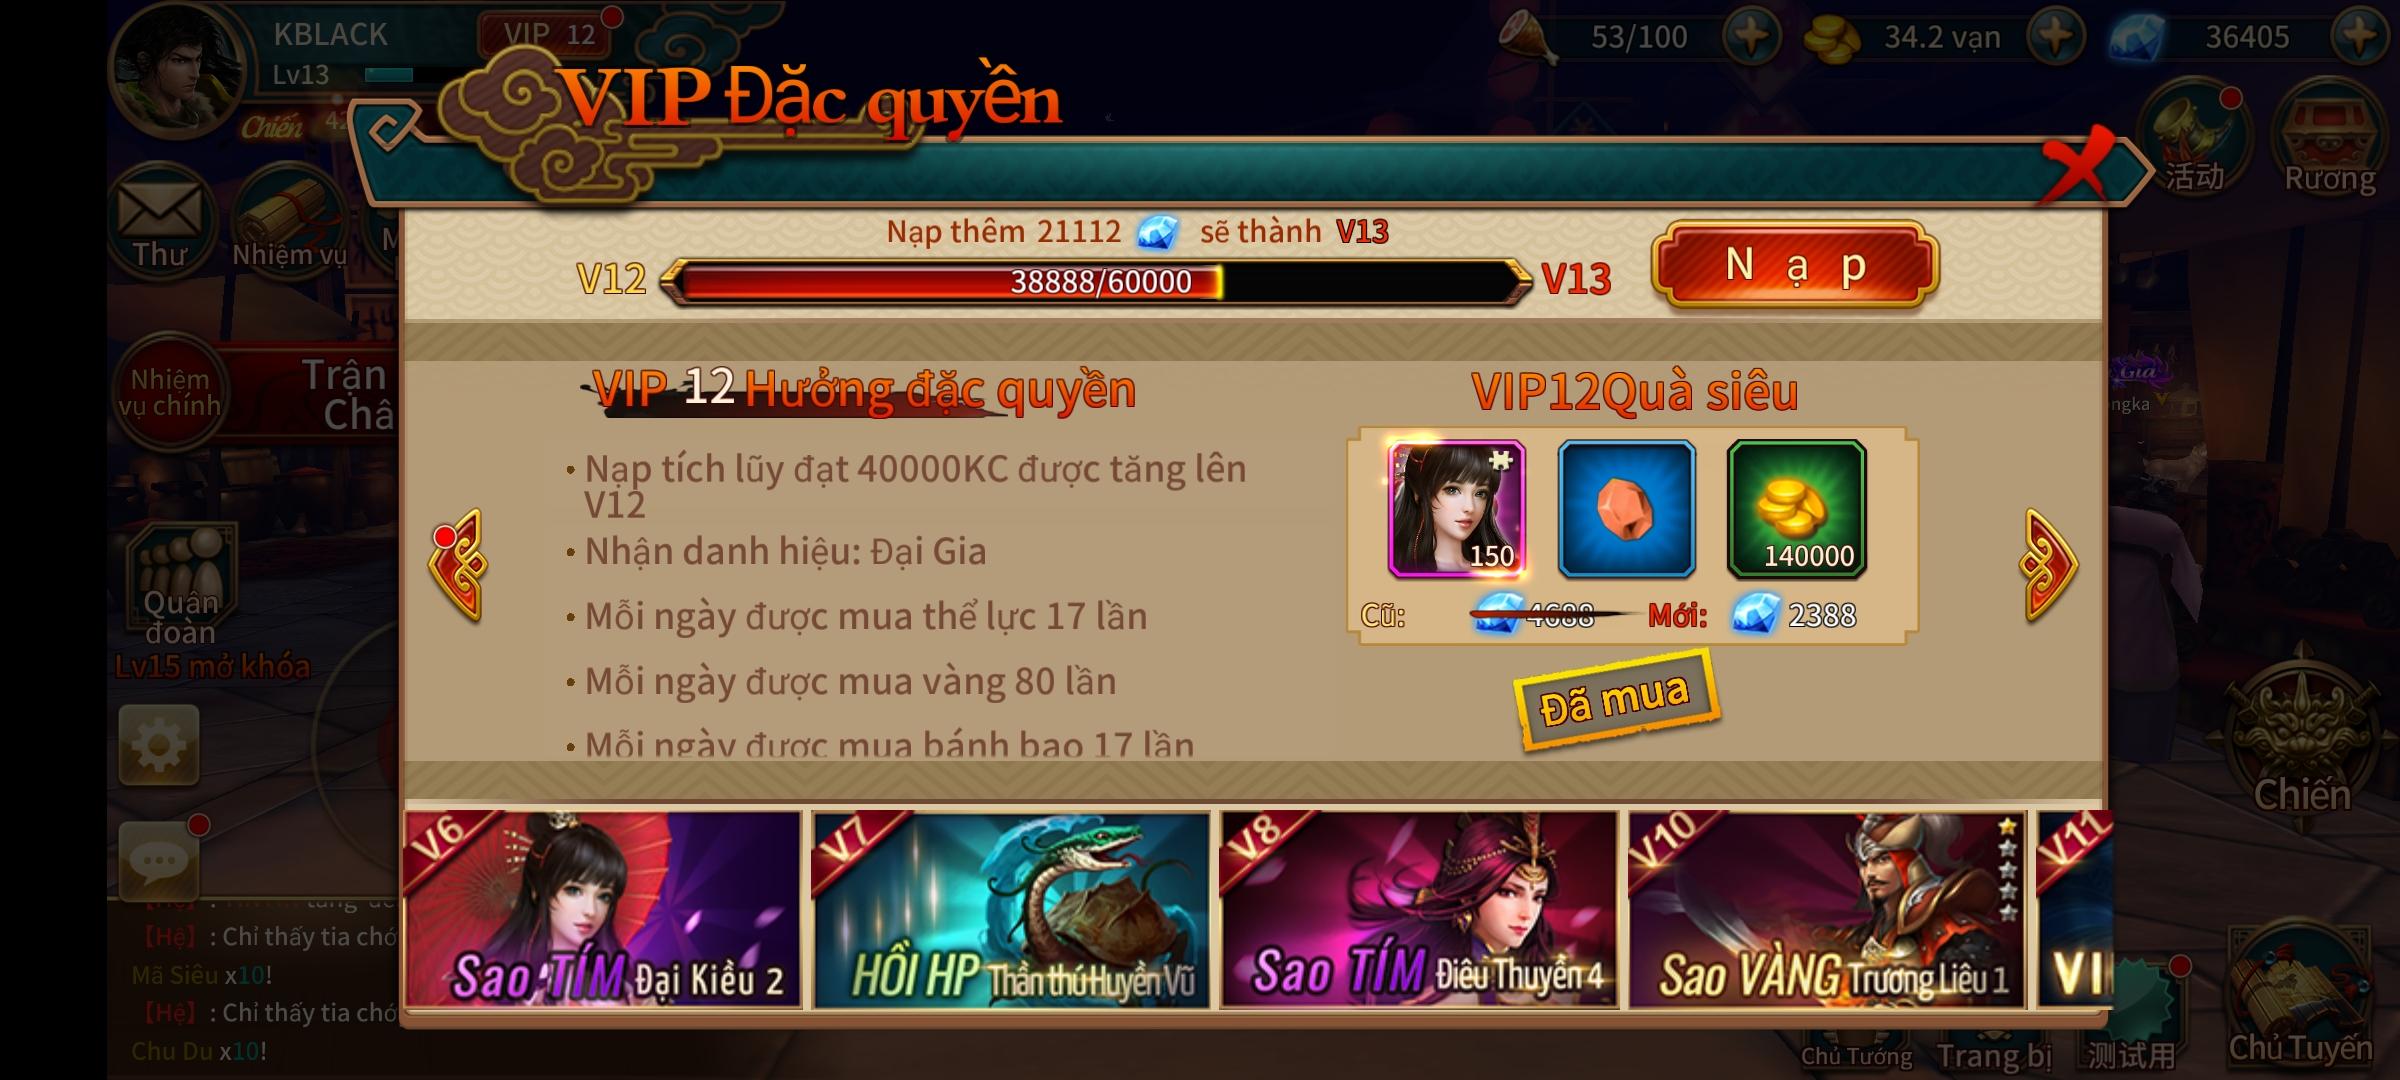 Đỉnh Phong Tam Quốc 3D Private Việt Hóa | Free Full VIP 16 | Quà Tân Thủ Tỷ Tỷ KNB | Sever Cày Quốc Quét Ải Có Hàng Tỷ Kim Cương